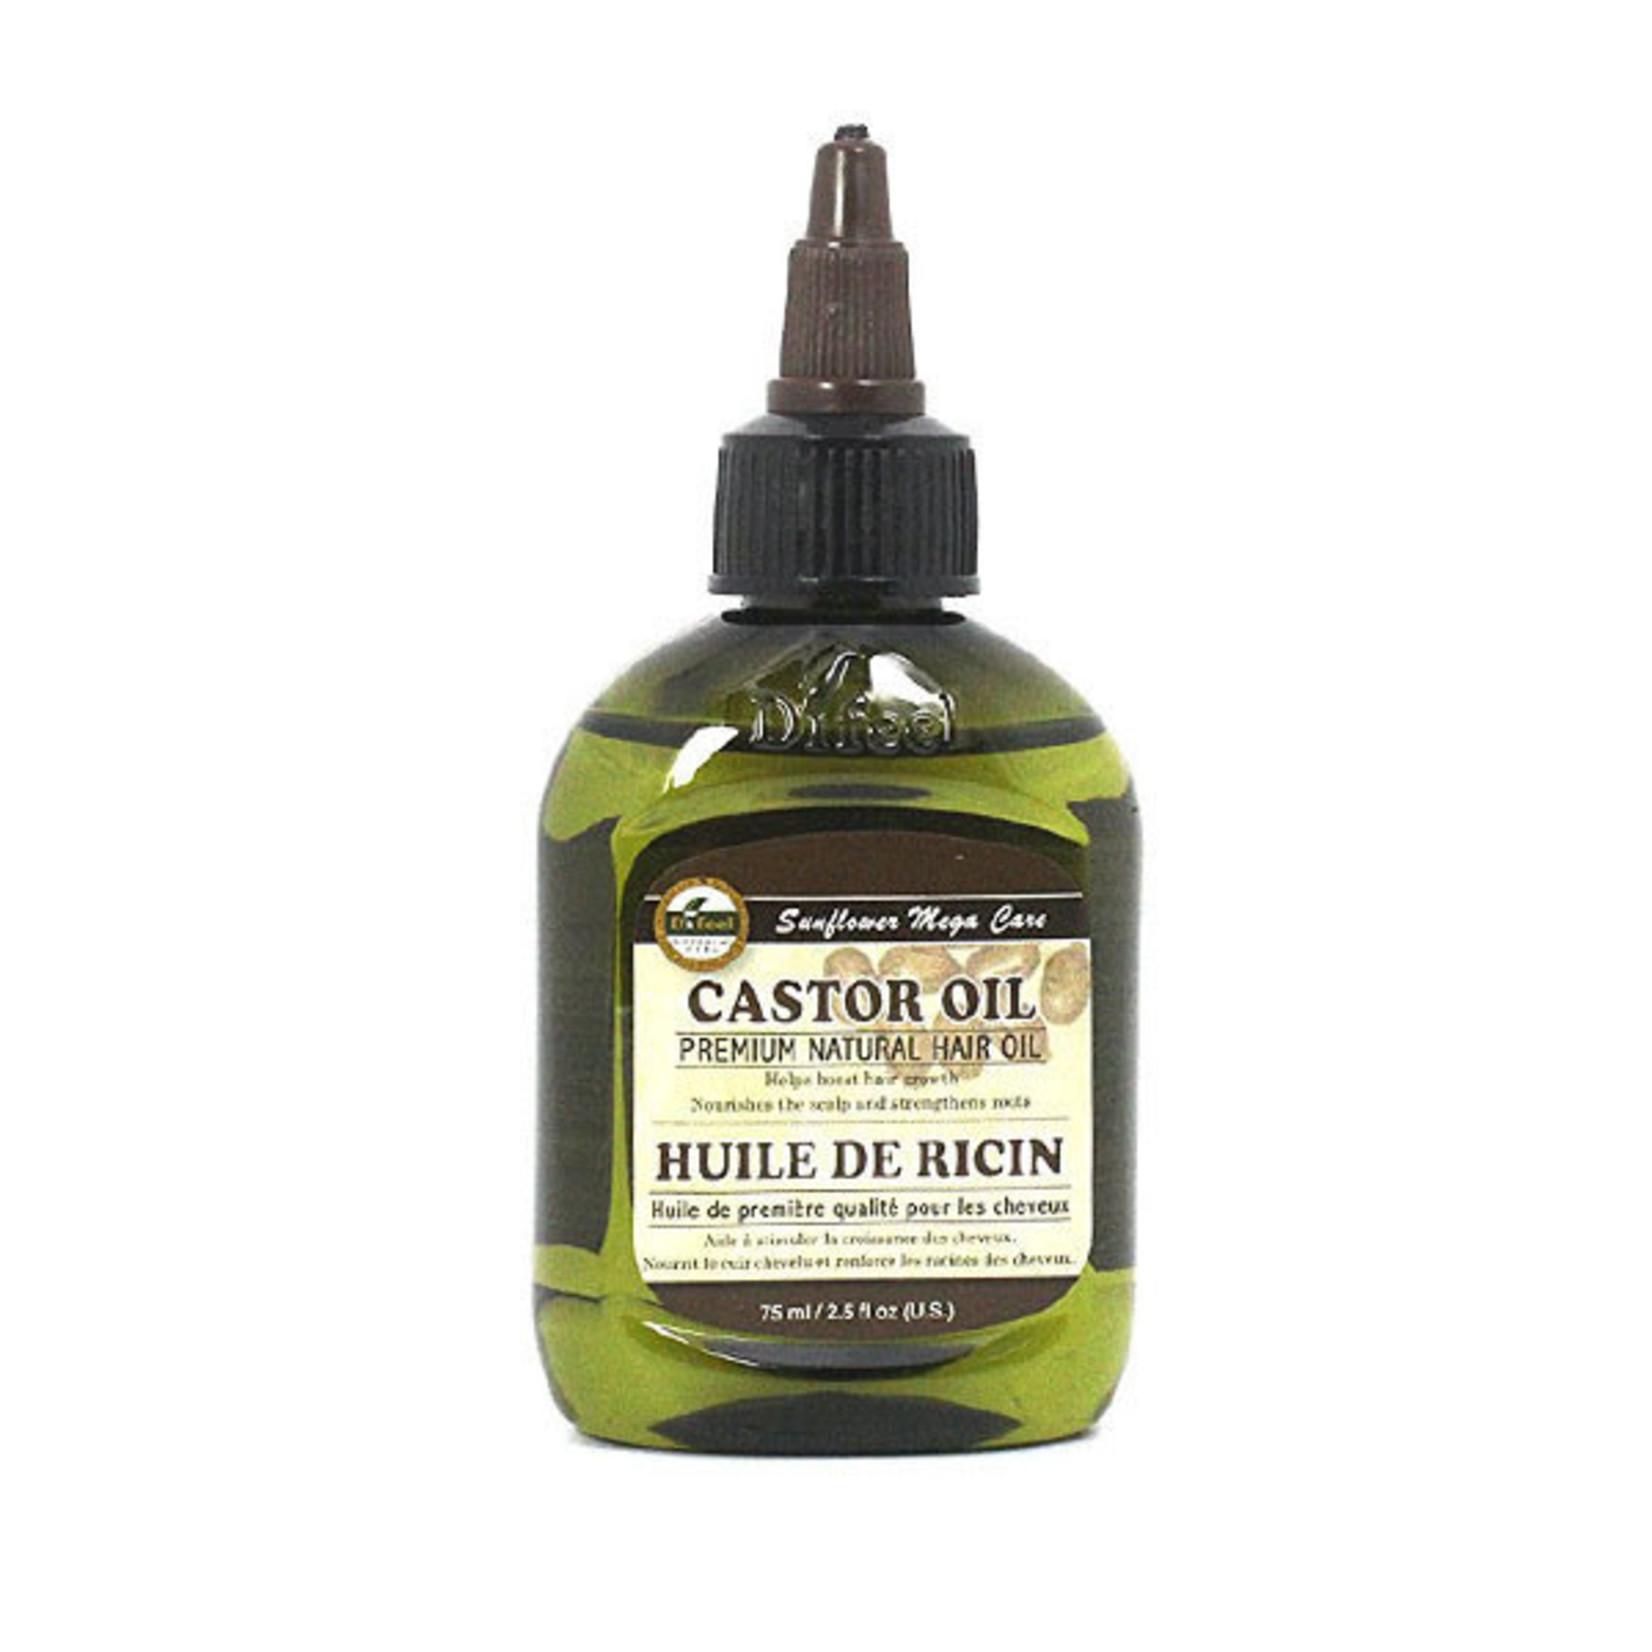 SUNFLOWER SUNFLOWER DIFEEL 99% NATURAL PREMIUM BLEND HAIR OIL [2.5OZ] - CASTOR OIL